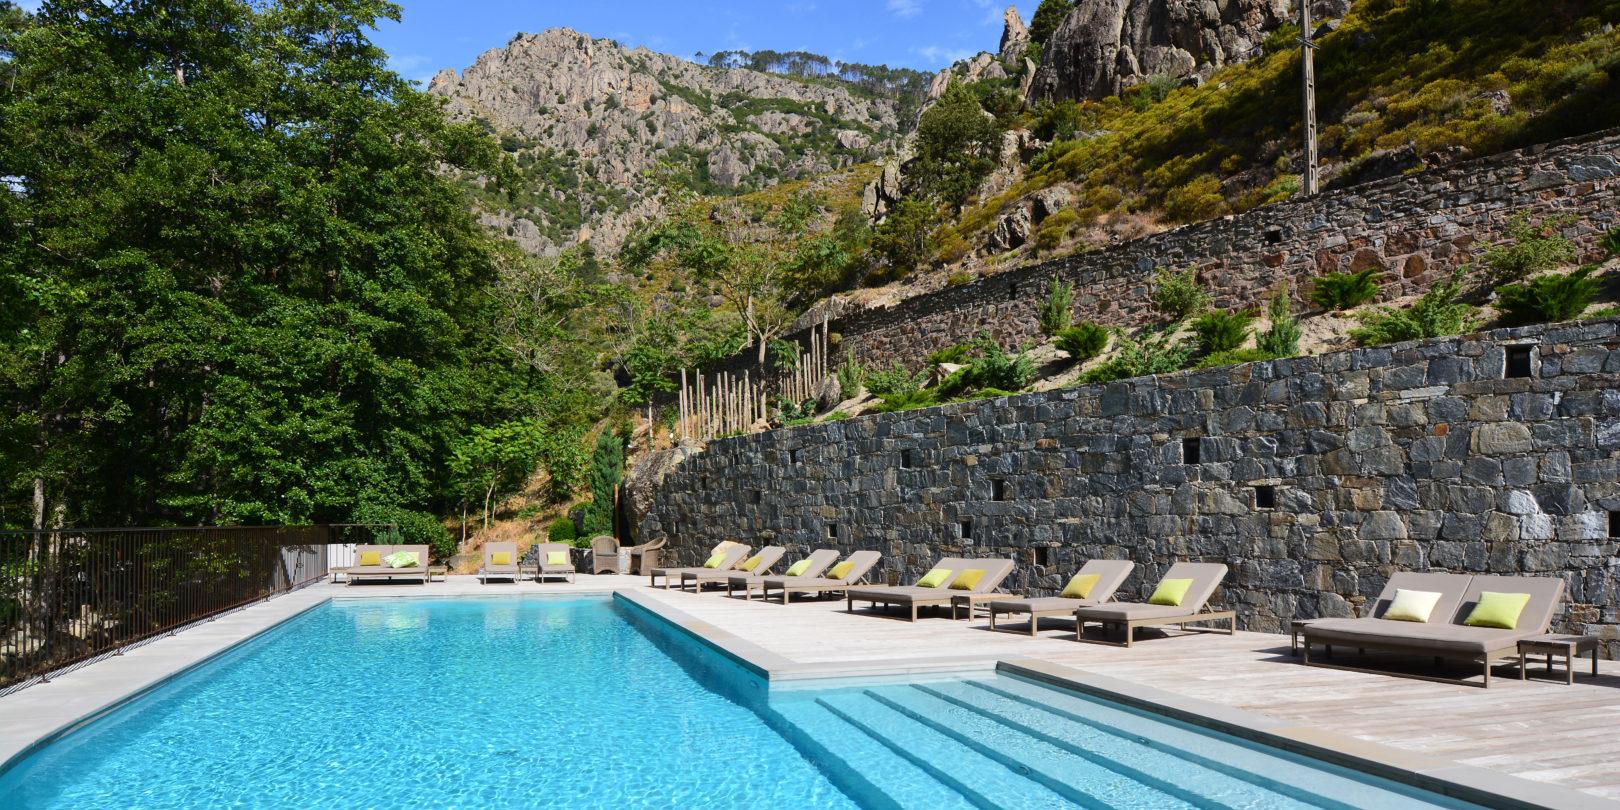 Hotel Dominique Colonna Corte Restonica binnenland Corsica Frankrijk zwembad bergen